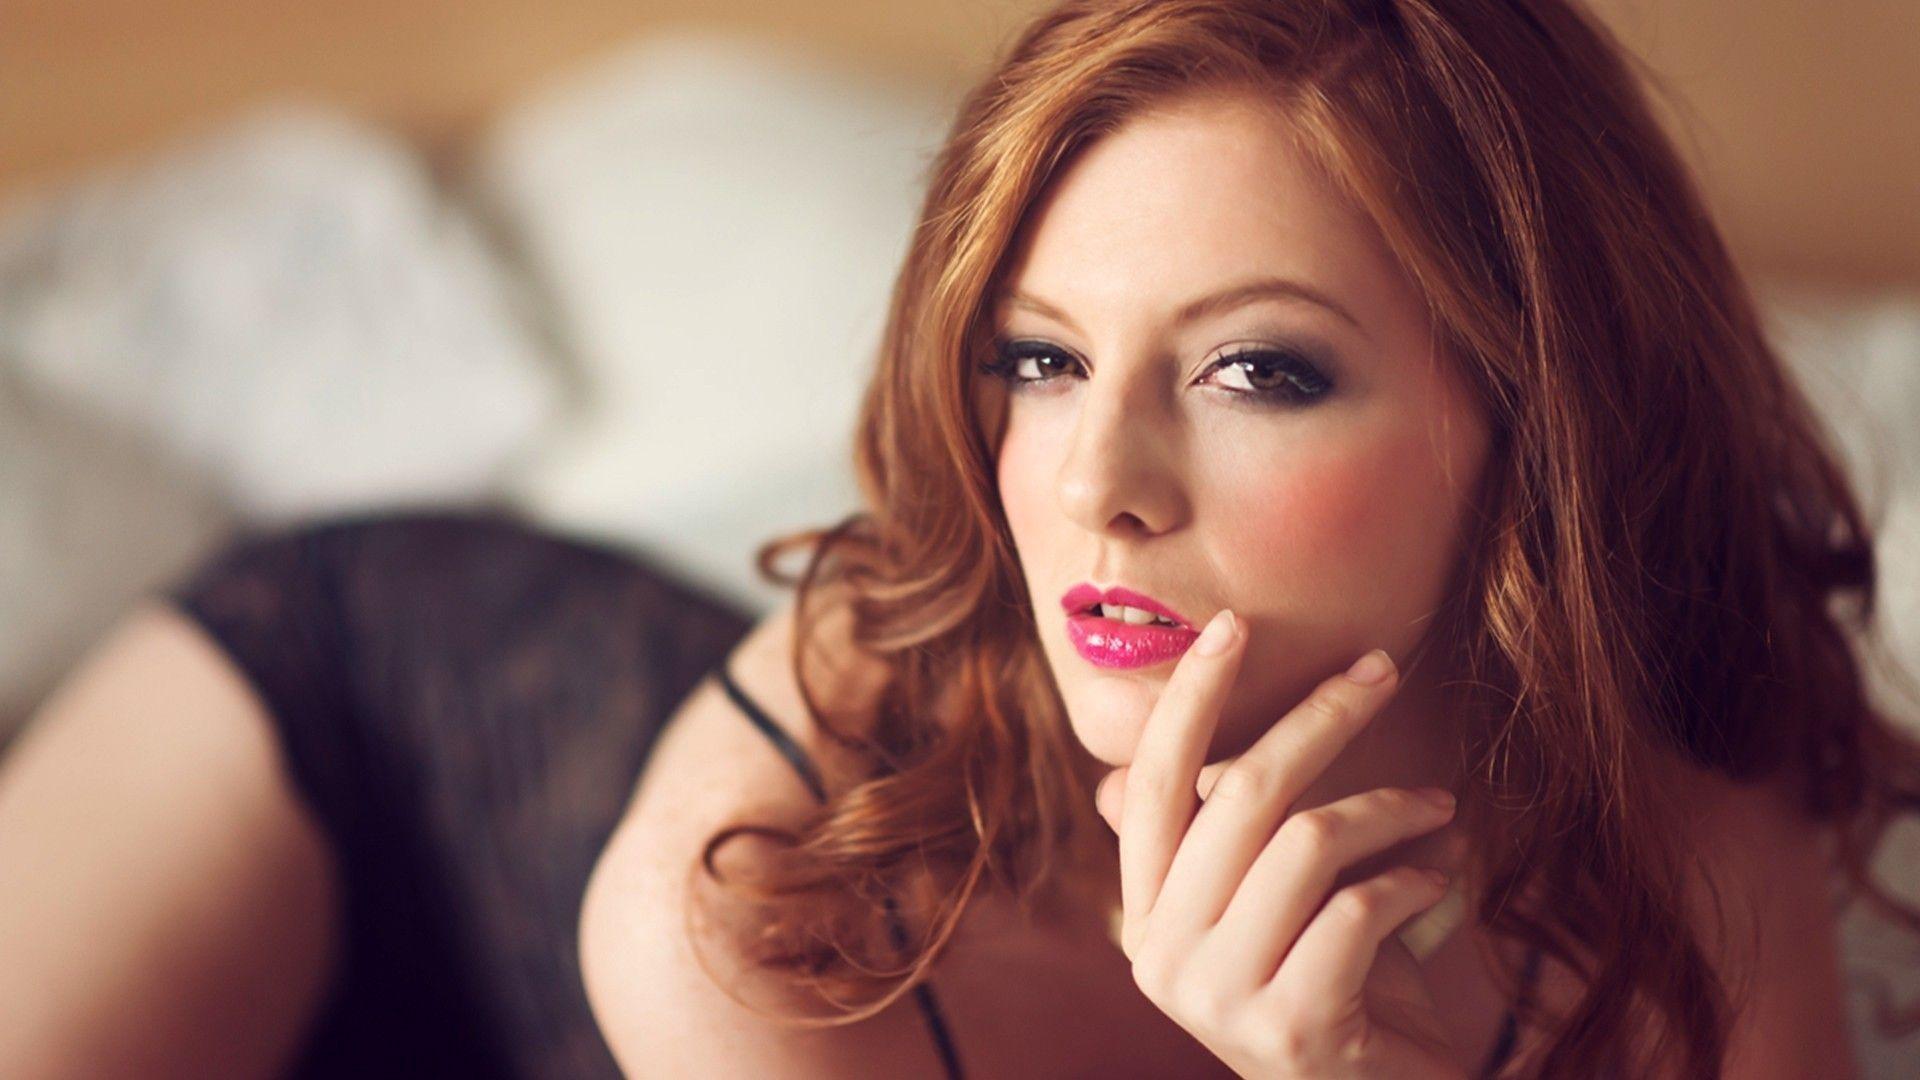 hot girl backgrounds for widescreen free ololoshenka